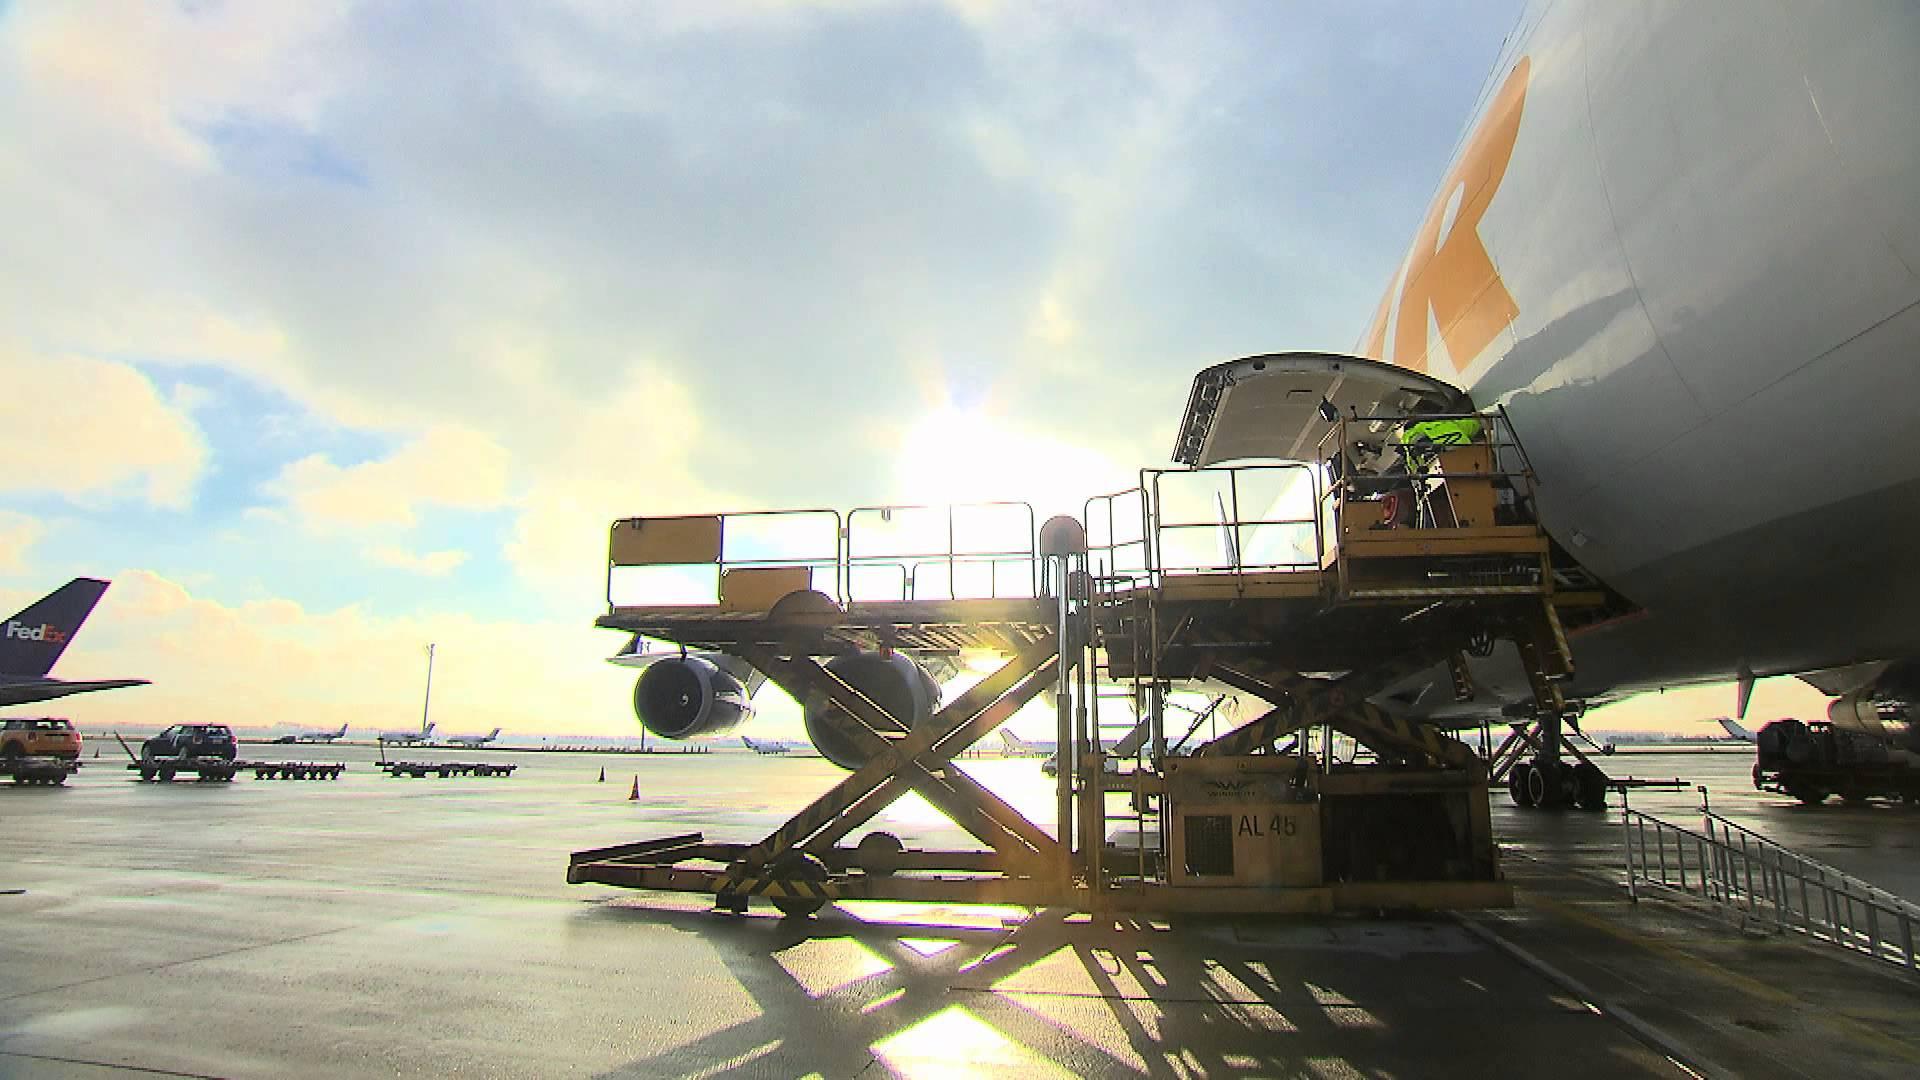 Yeni havaalanından ilk hava kargo yüklemesi ATA'dan